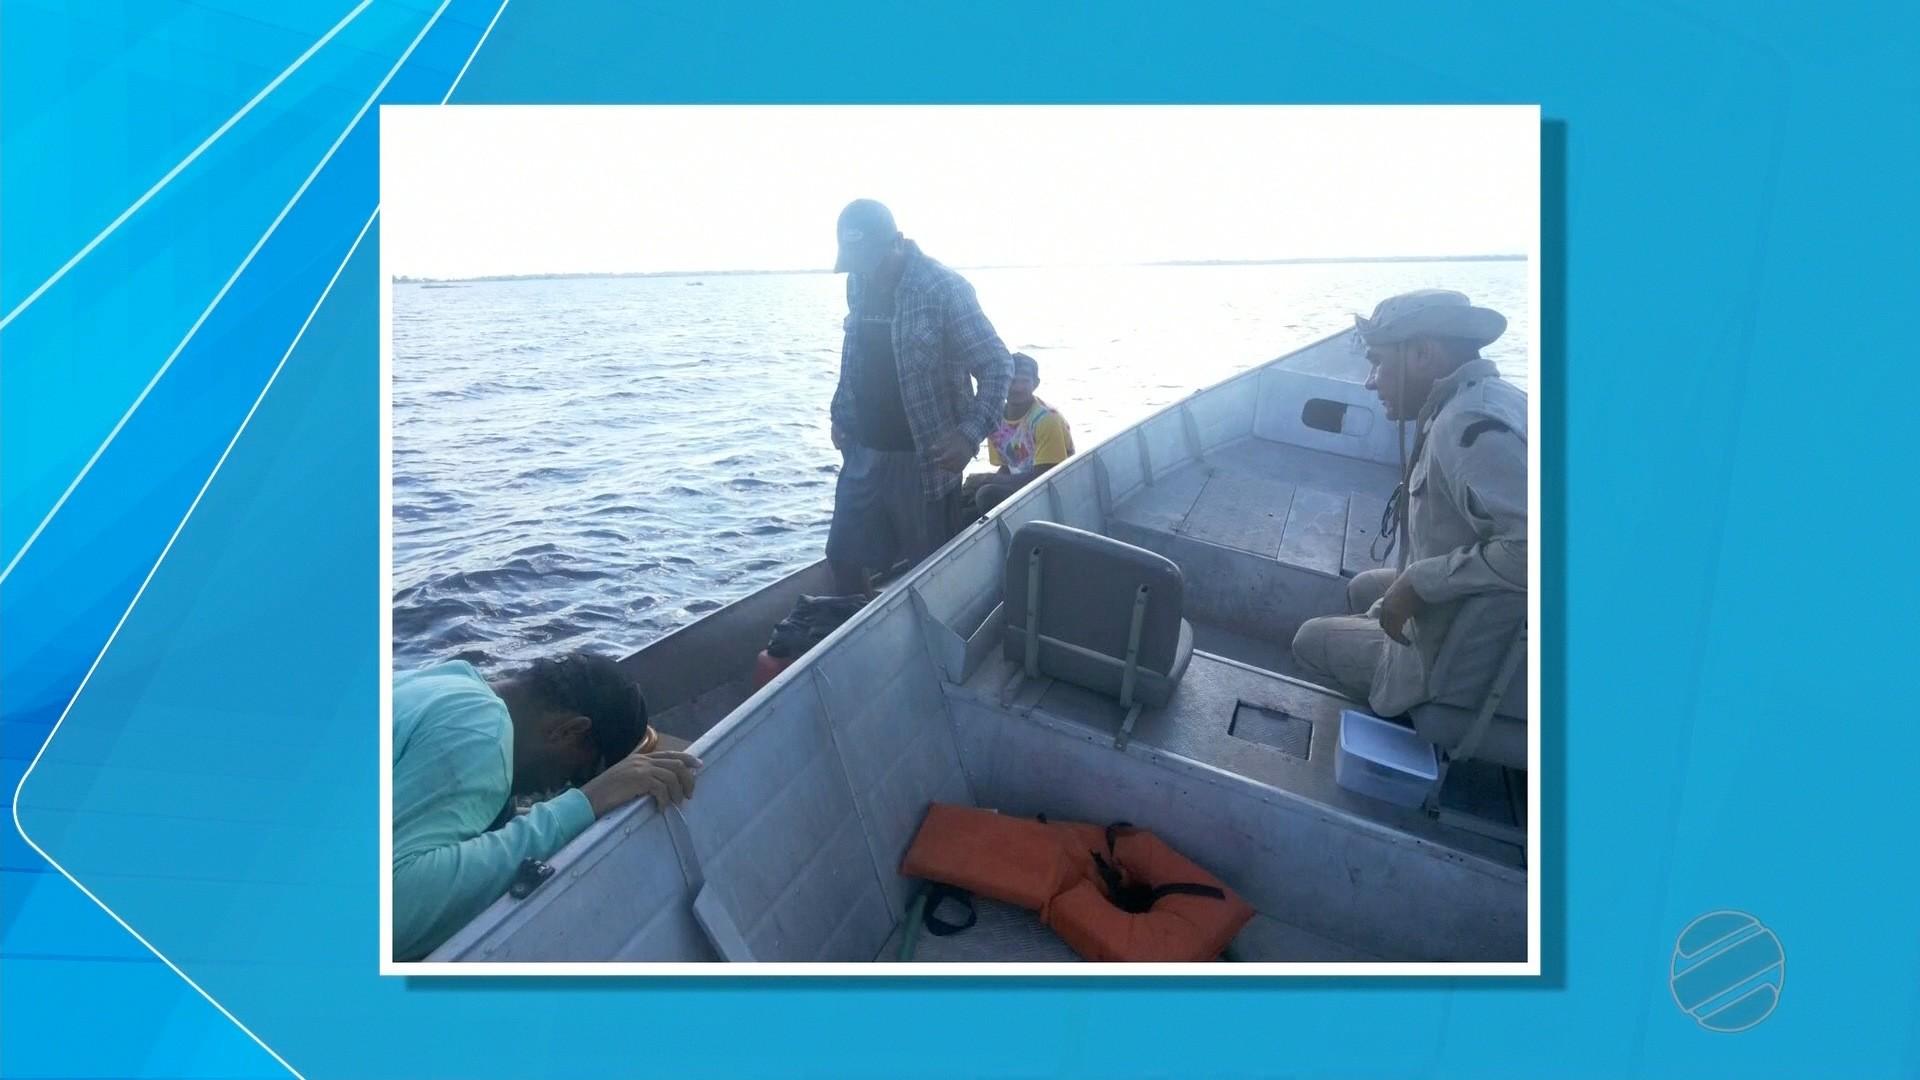 Pescadores ficam perdidos por 16 horas em rio e são salvos por celular no Pantanal de MS